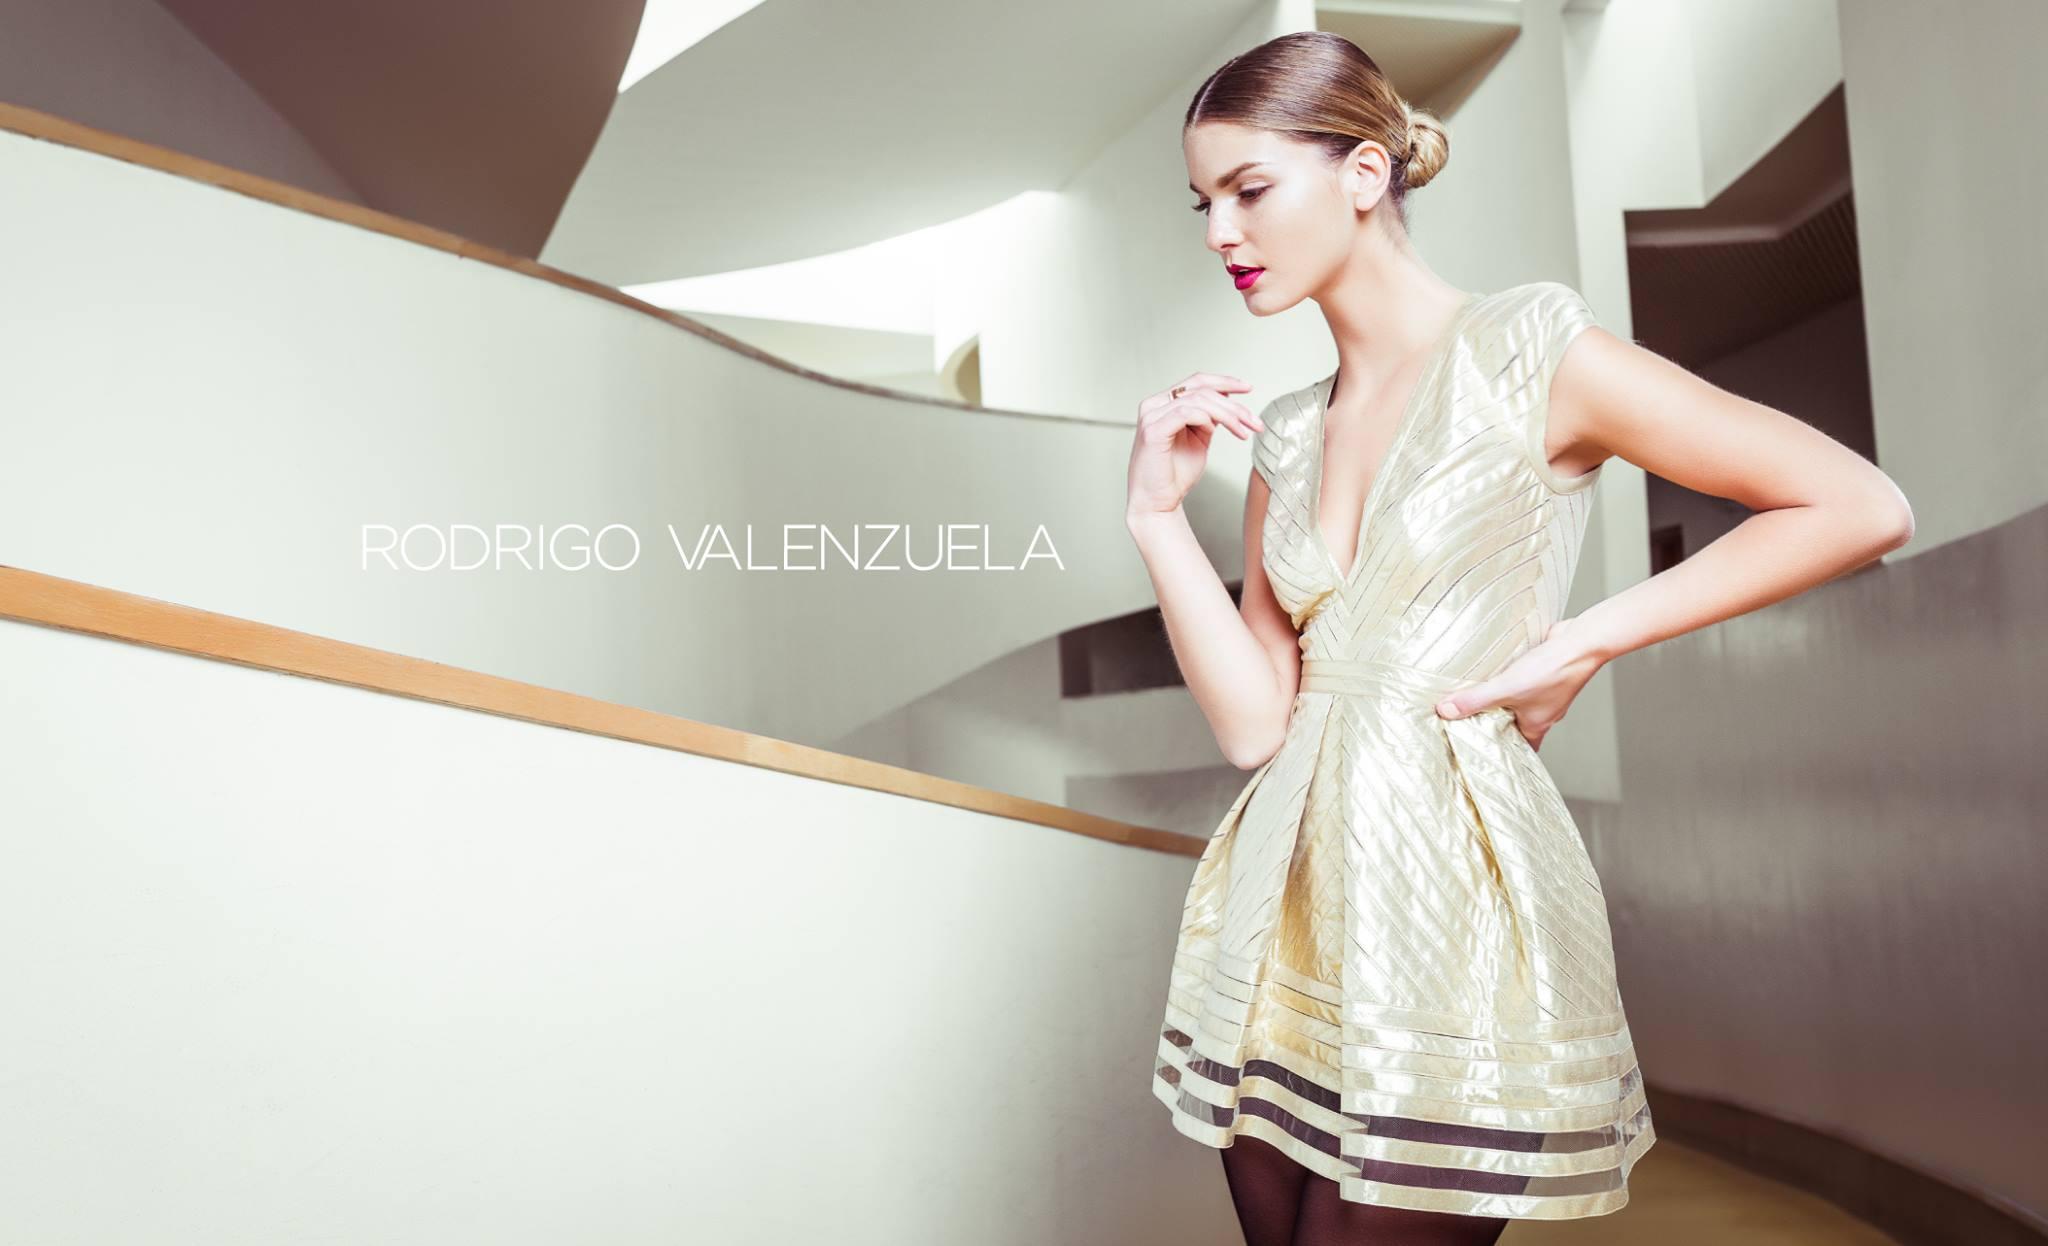 Rodrigo Valenzuela6